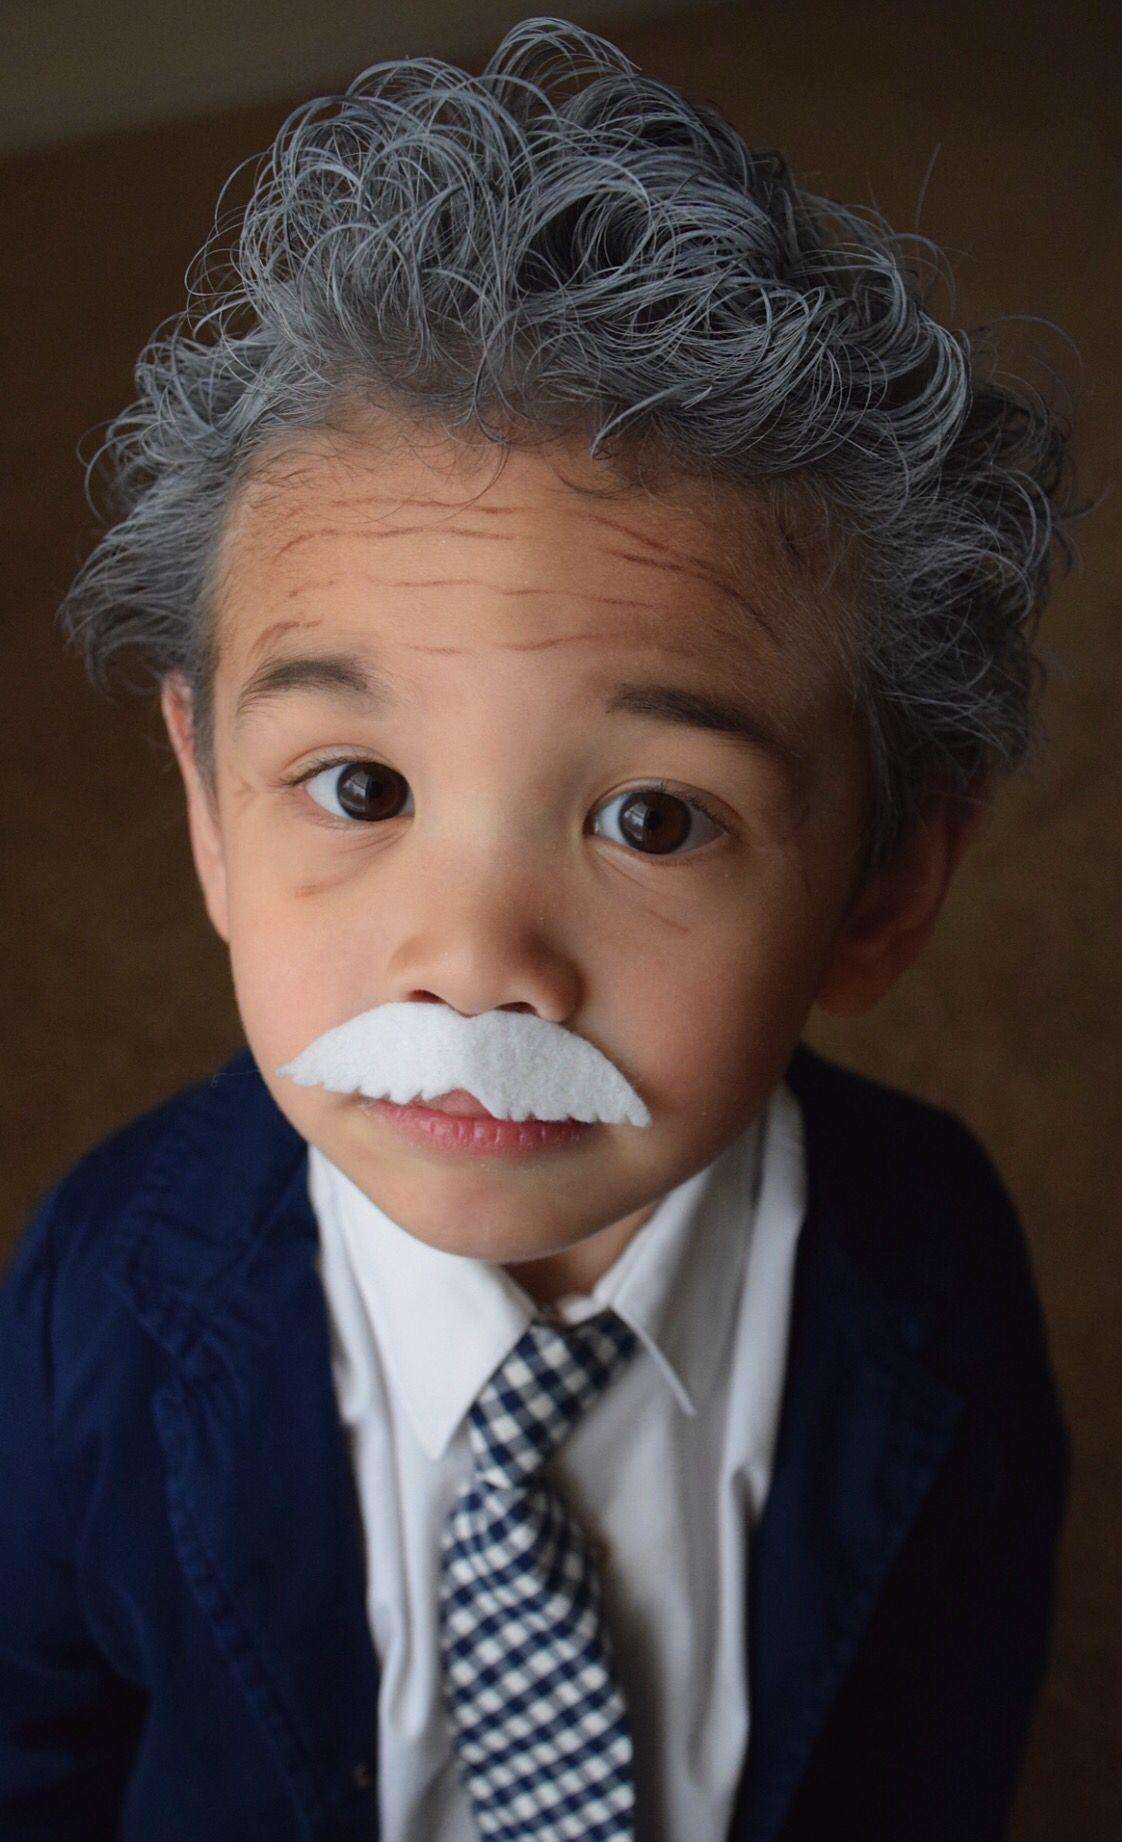 Einstein Costume For A Little Boy  White Hair Spray,